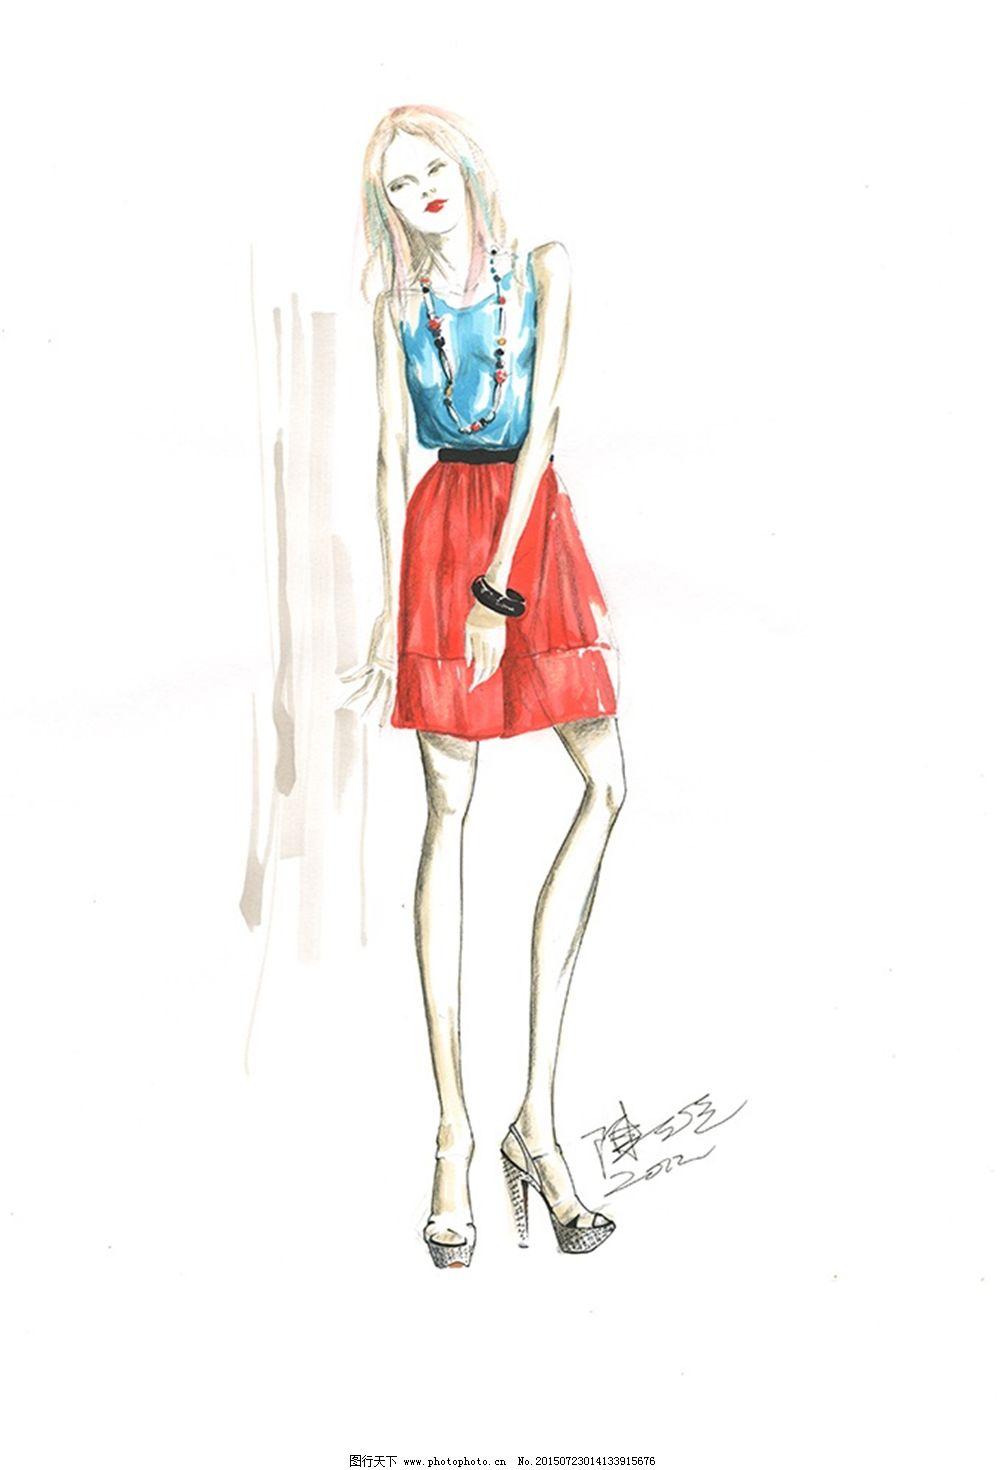 设计图库 服装设计 手绘服装设计    上传: 2015-7-23 大小: 705.